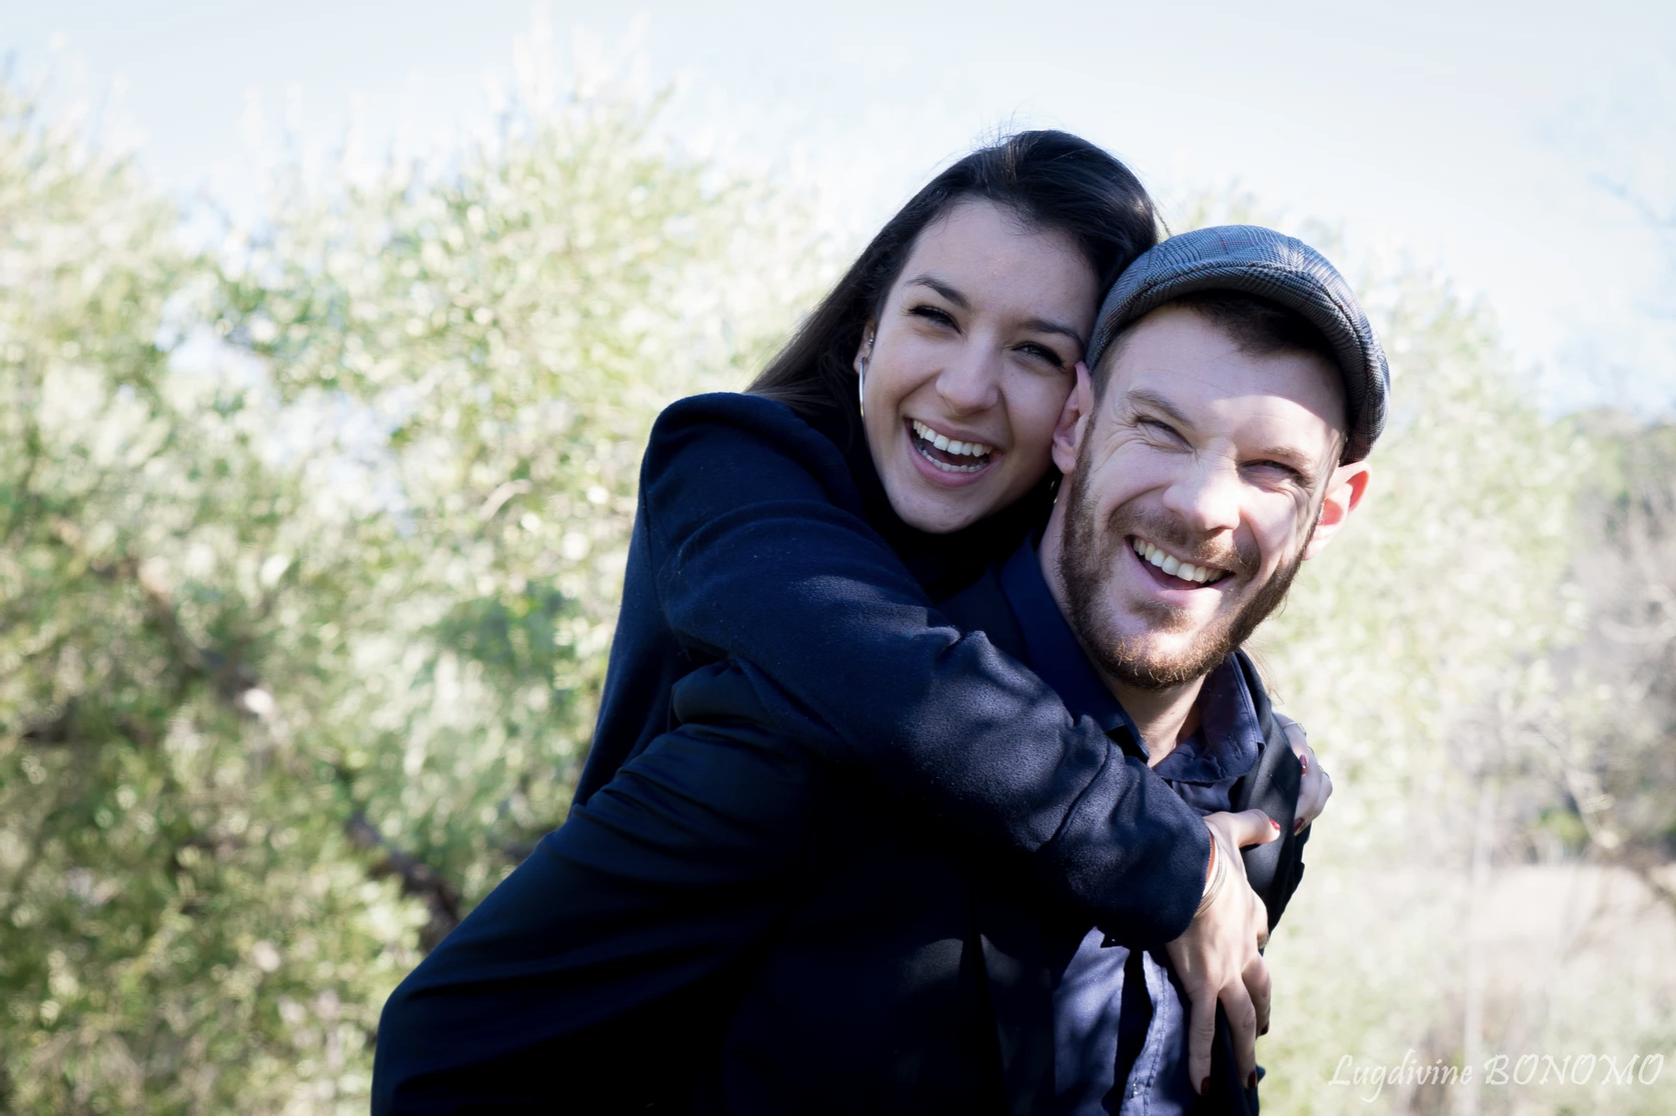 Amoiureux heureux lors d'une séance photo avec Lugdivine Bonomo en extérieur